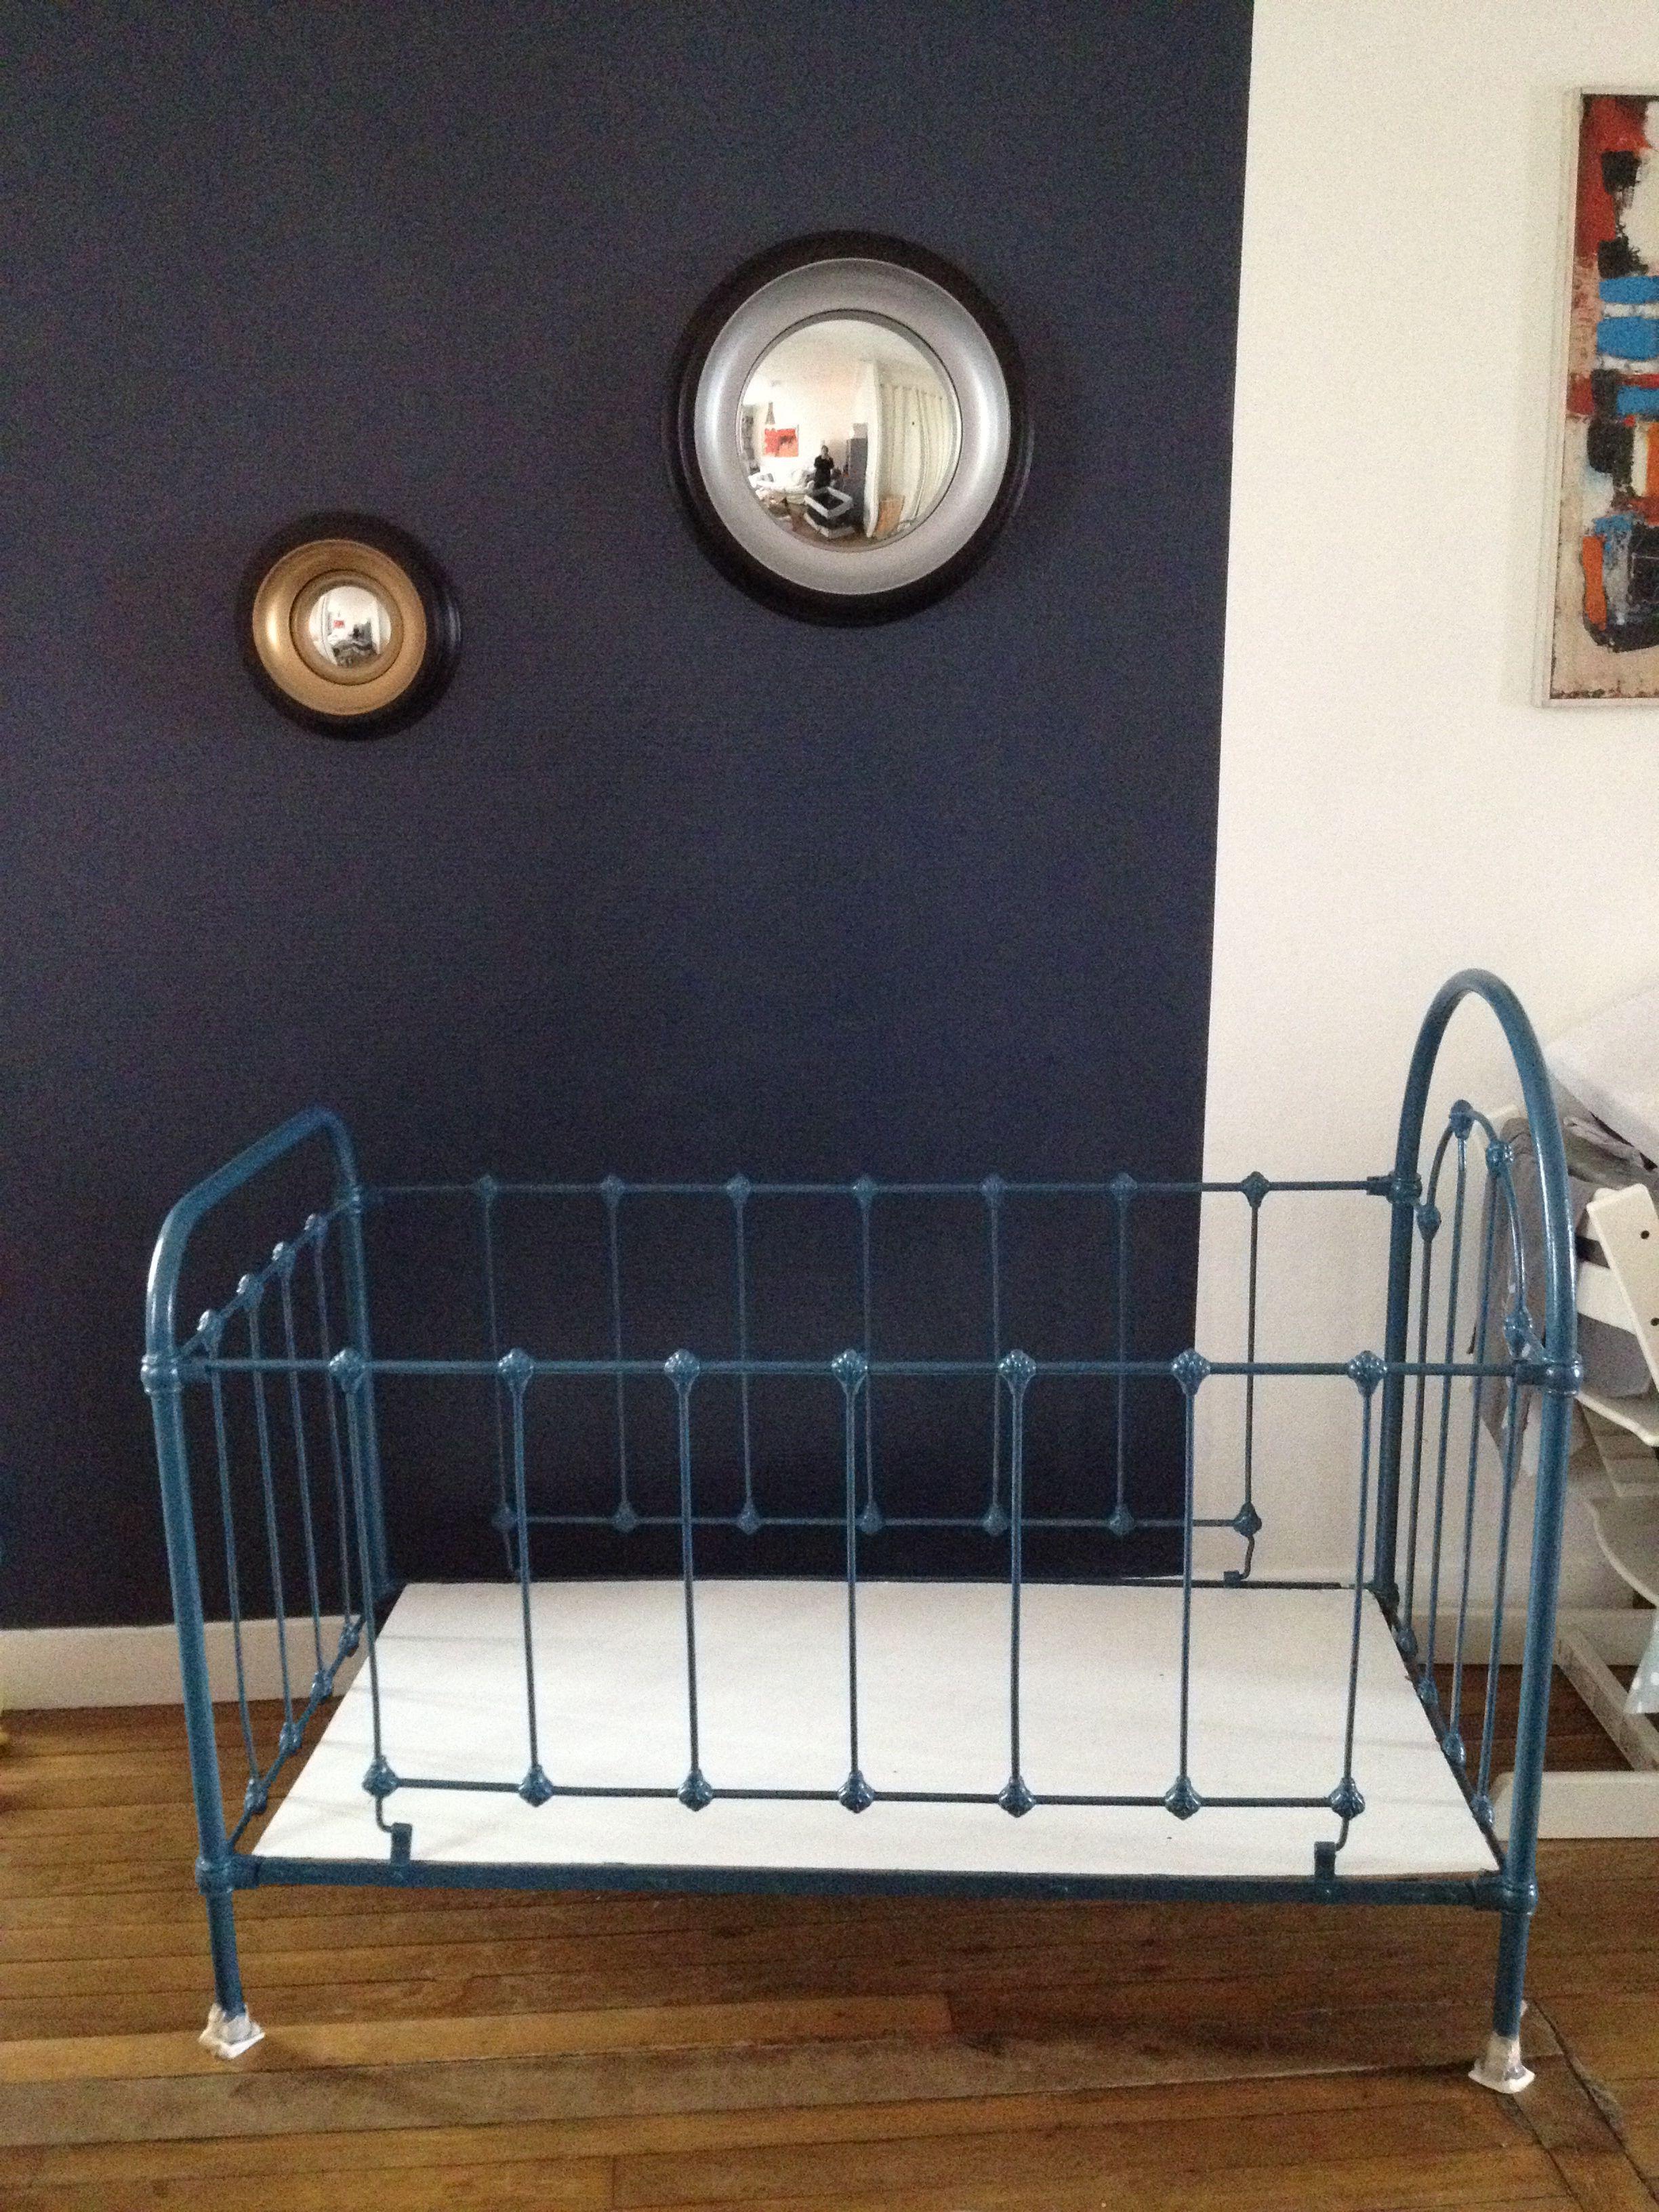 lit b b ancien en fer forg relook equipements lit. Black Bedroom Furniture Sets. Home Design Ideas